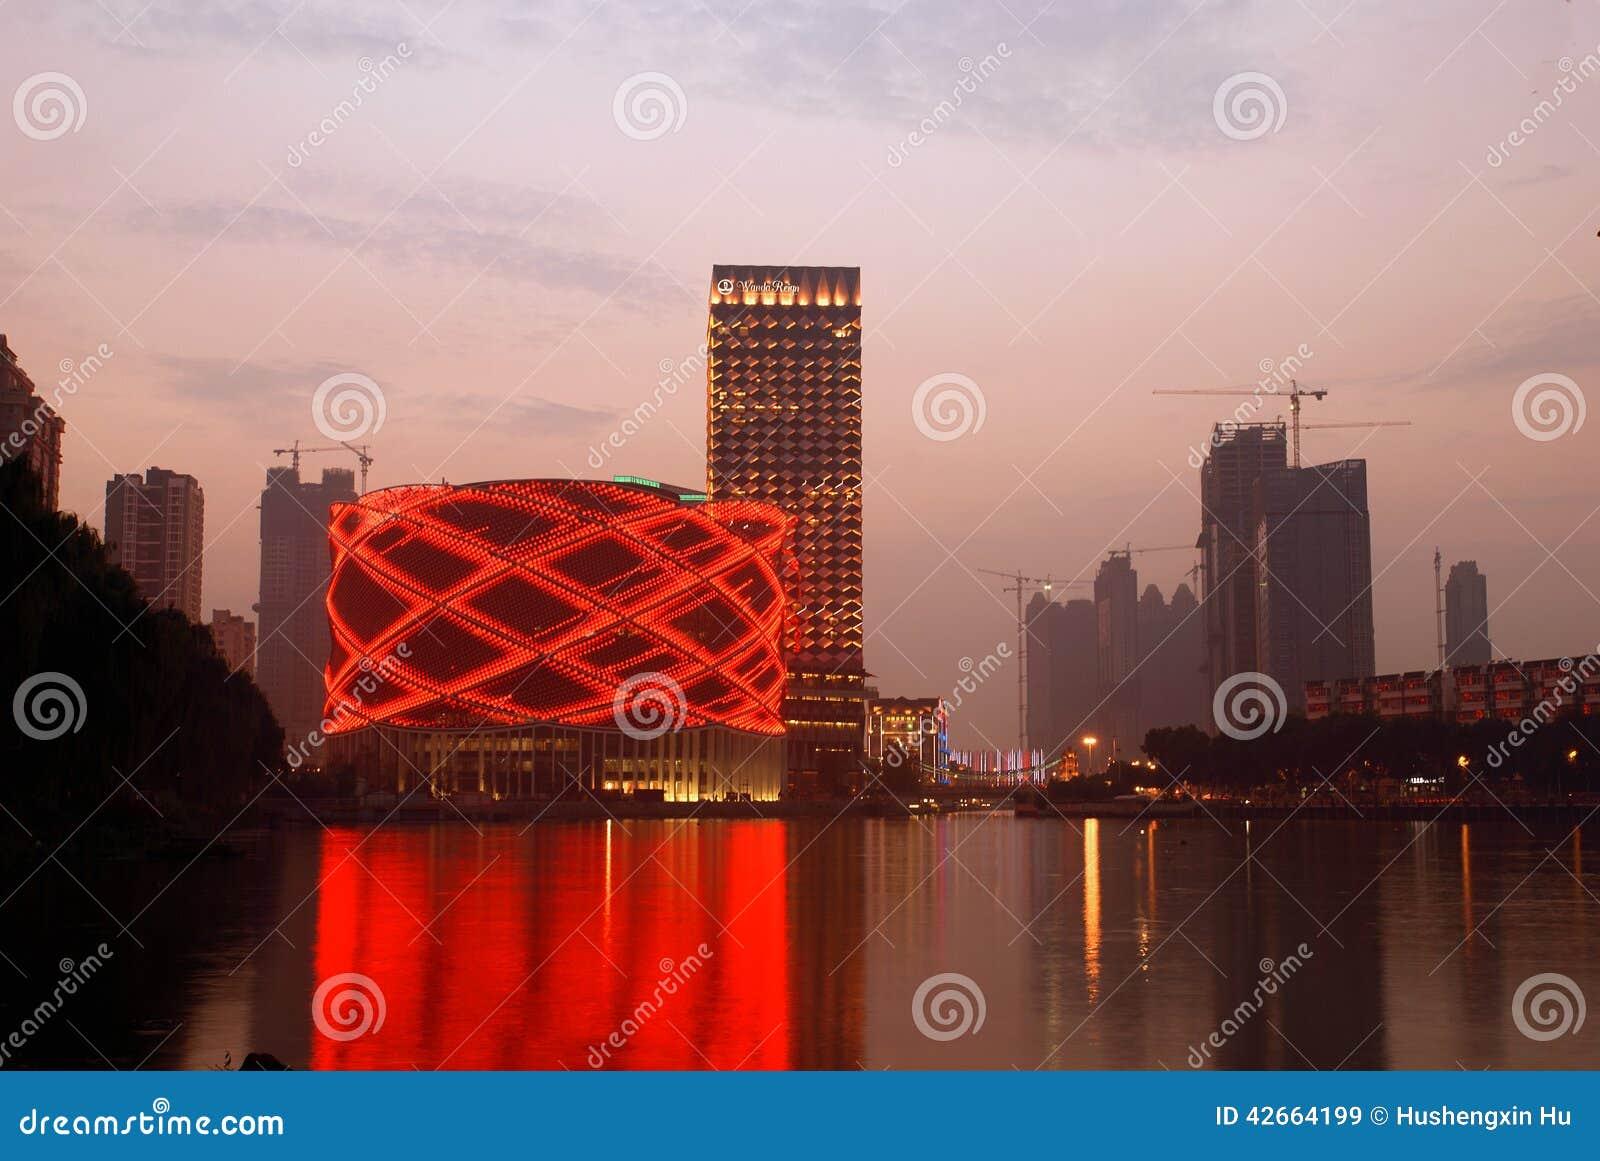 Escena de la noche de la ciudad